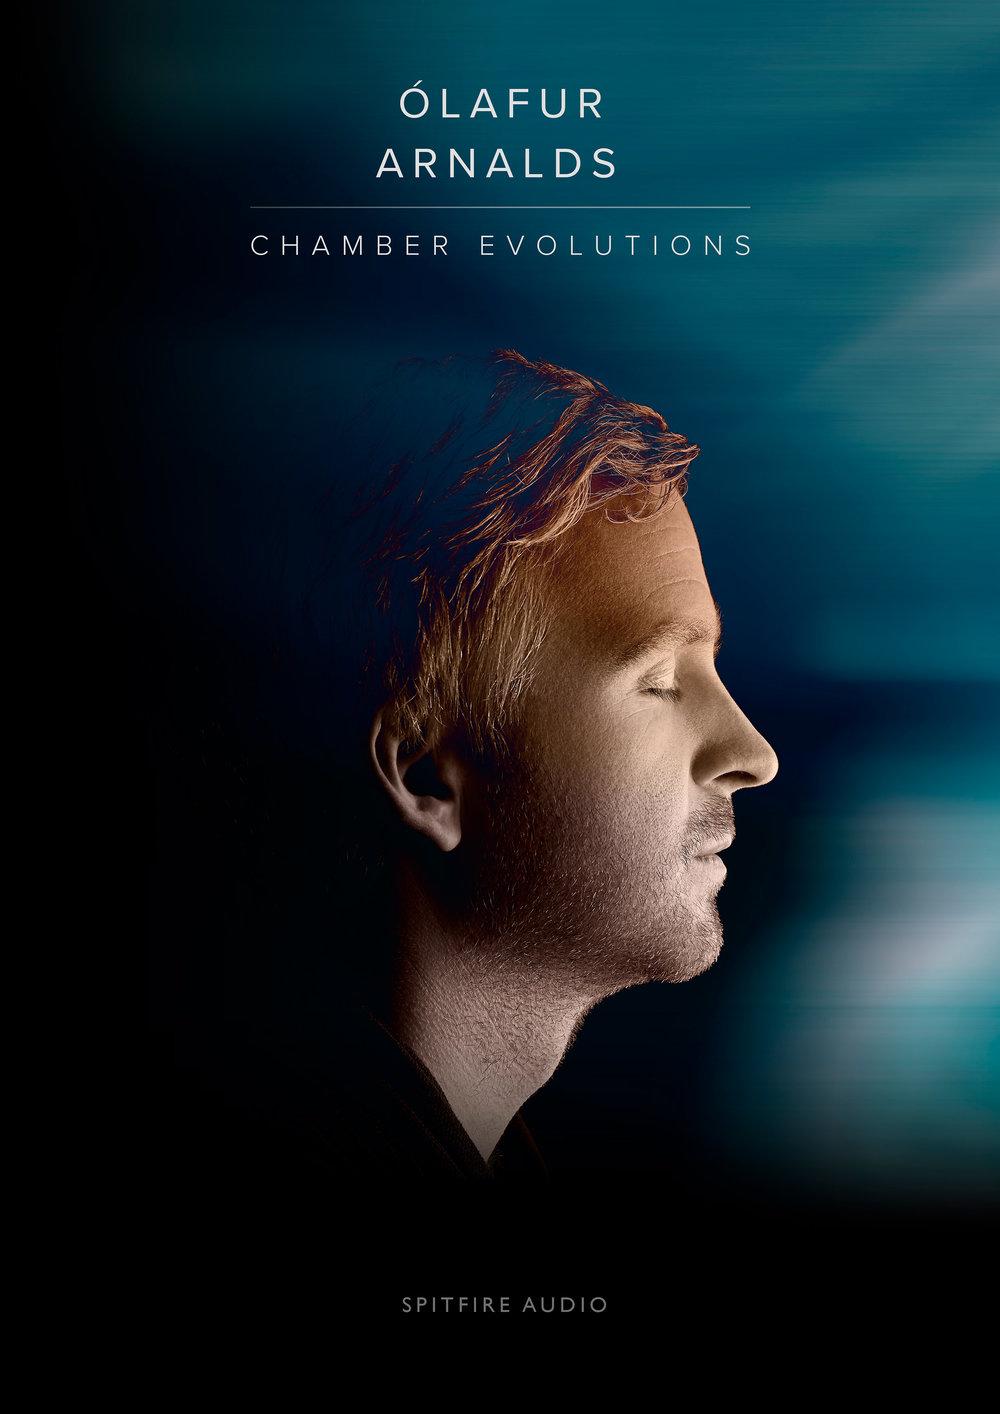 Olafur Arnalds | Chamber Evolutions